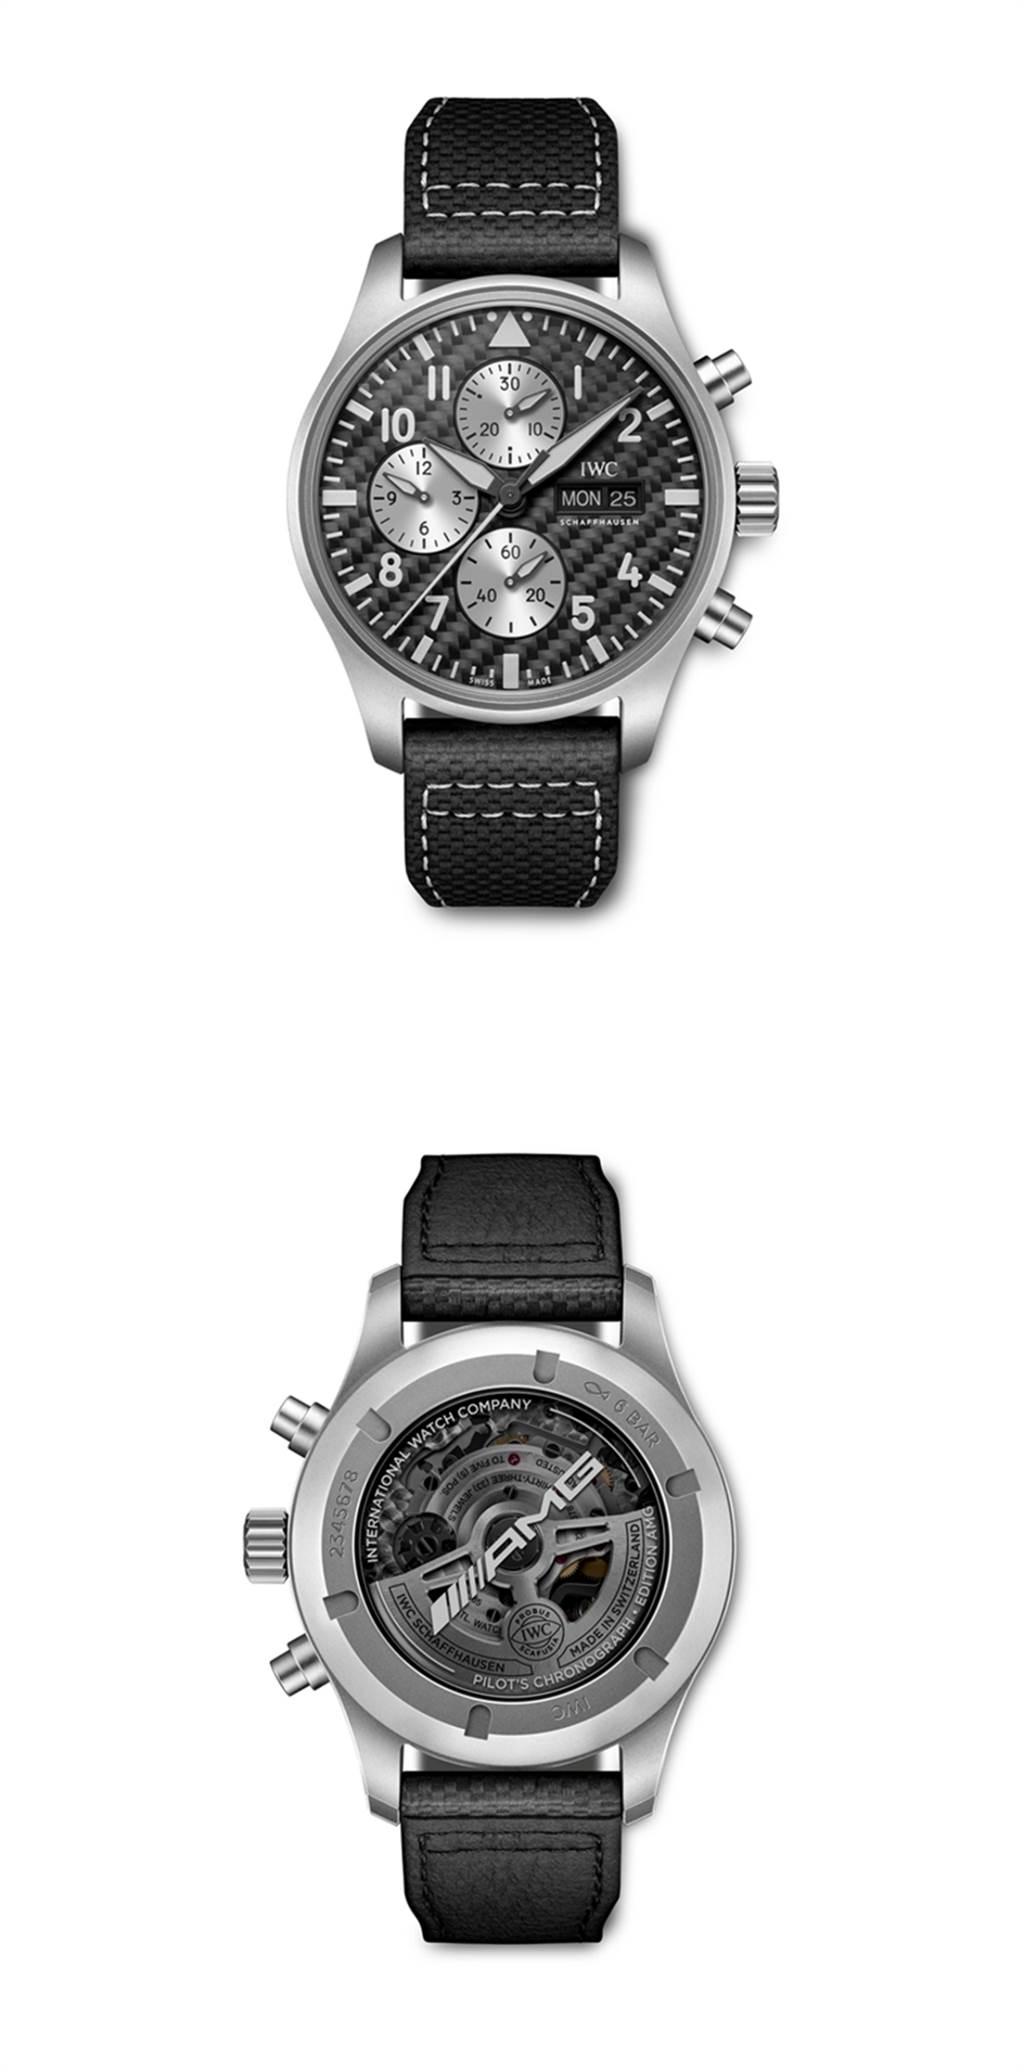 慶祝雙方長年以來的合作 IWC推出Mercedes-AMG聯名紀念腕錶